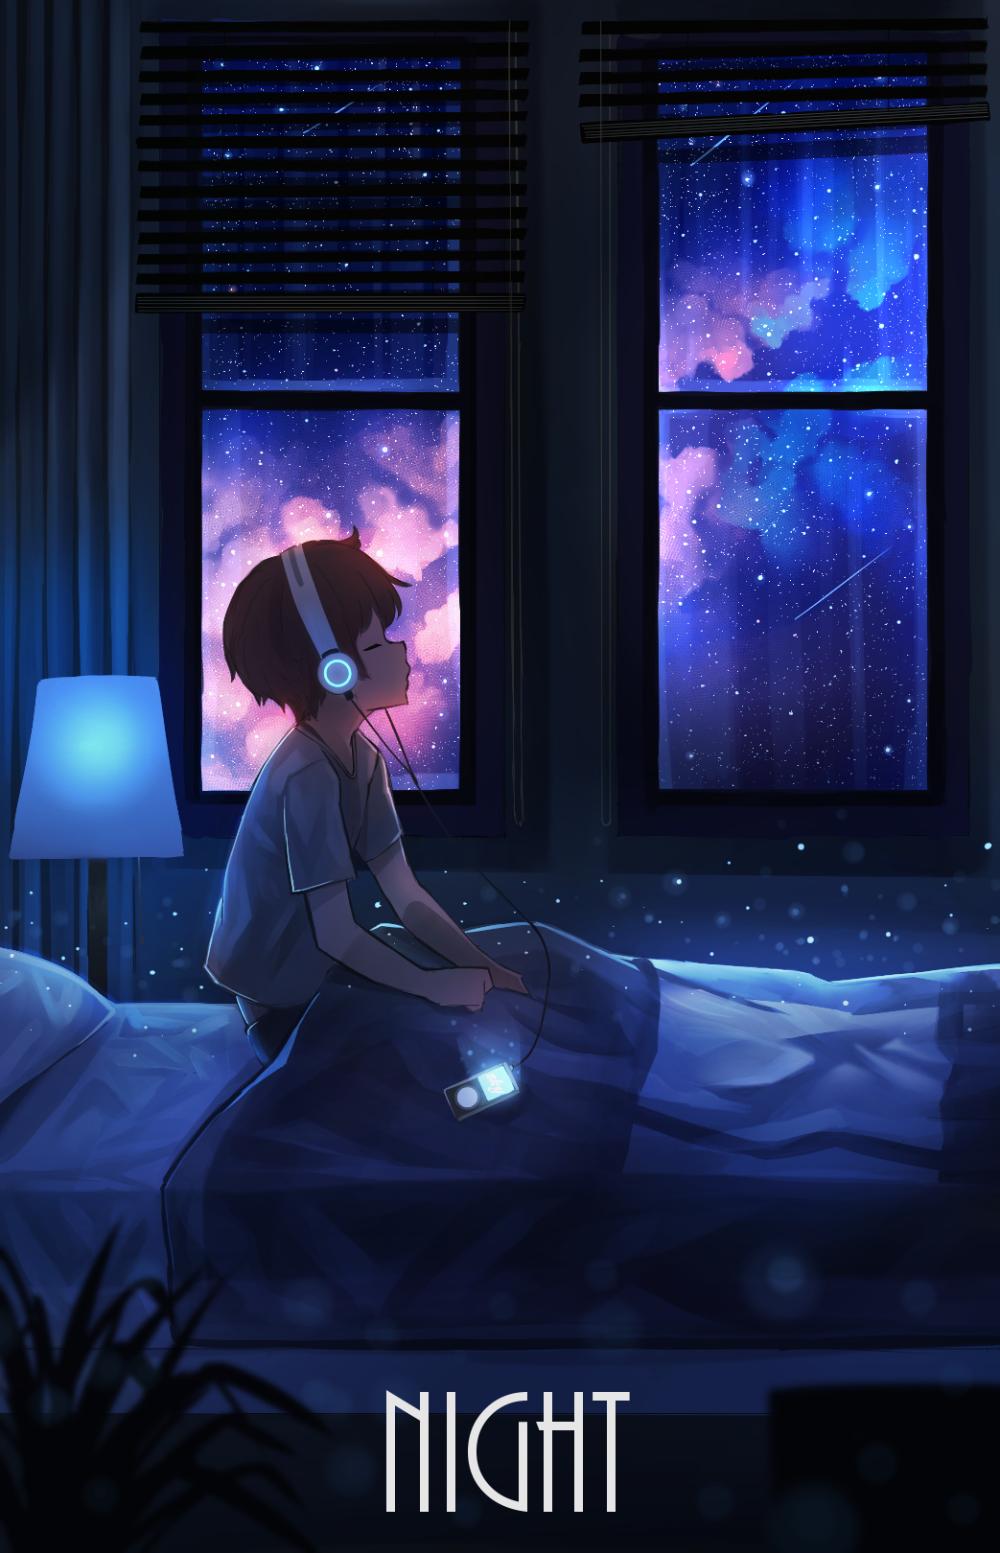 オリジナル 夏の朝 冬の夜 Pasoputi的插画 Pixiv 幻想的なイラスト 壁紙アート おしゃれな壁紙背景